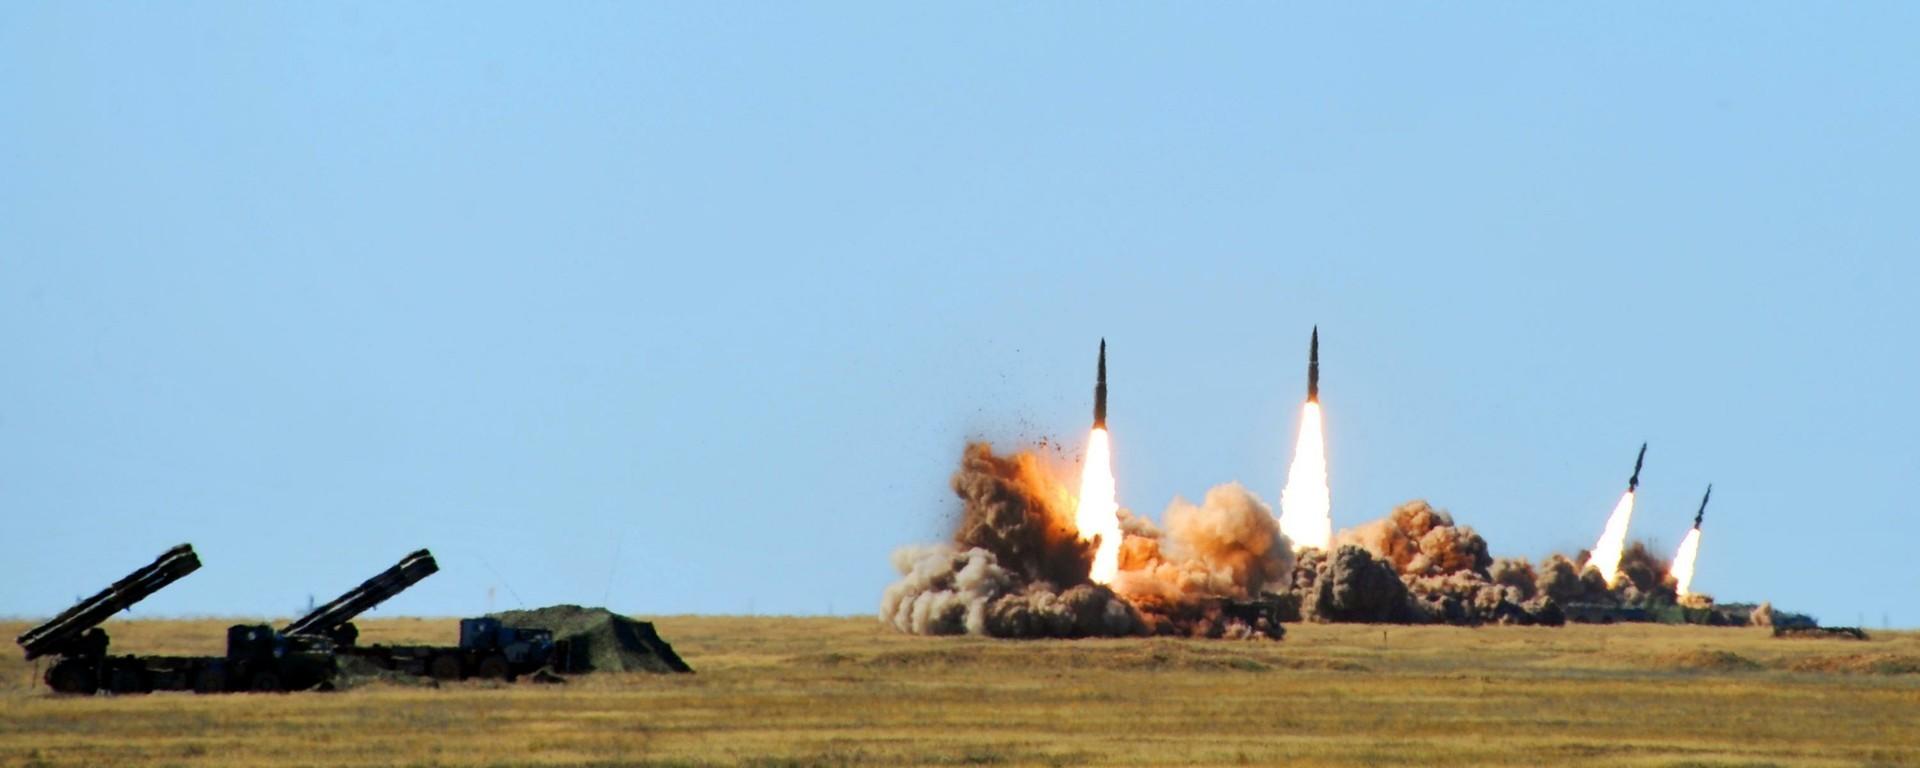 Interkontinentalne balističke rakete Točka-U